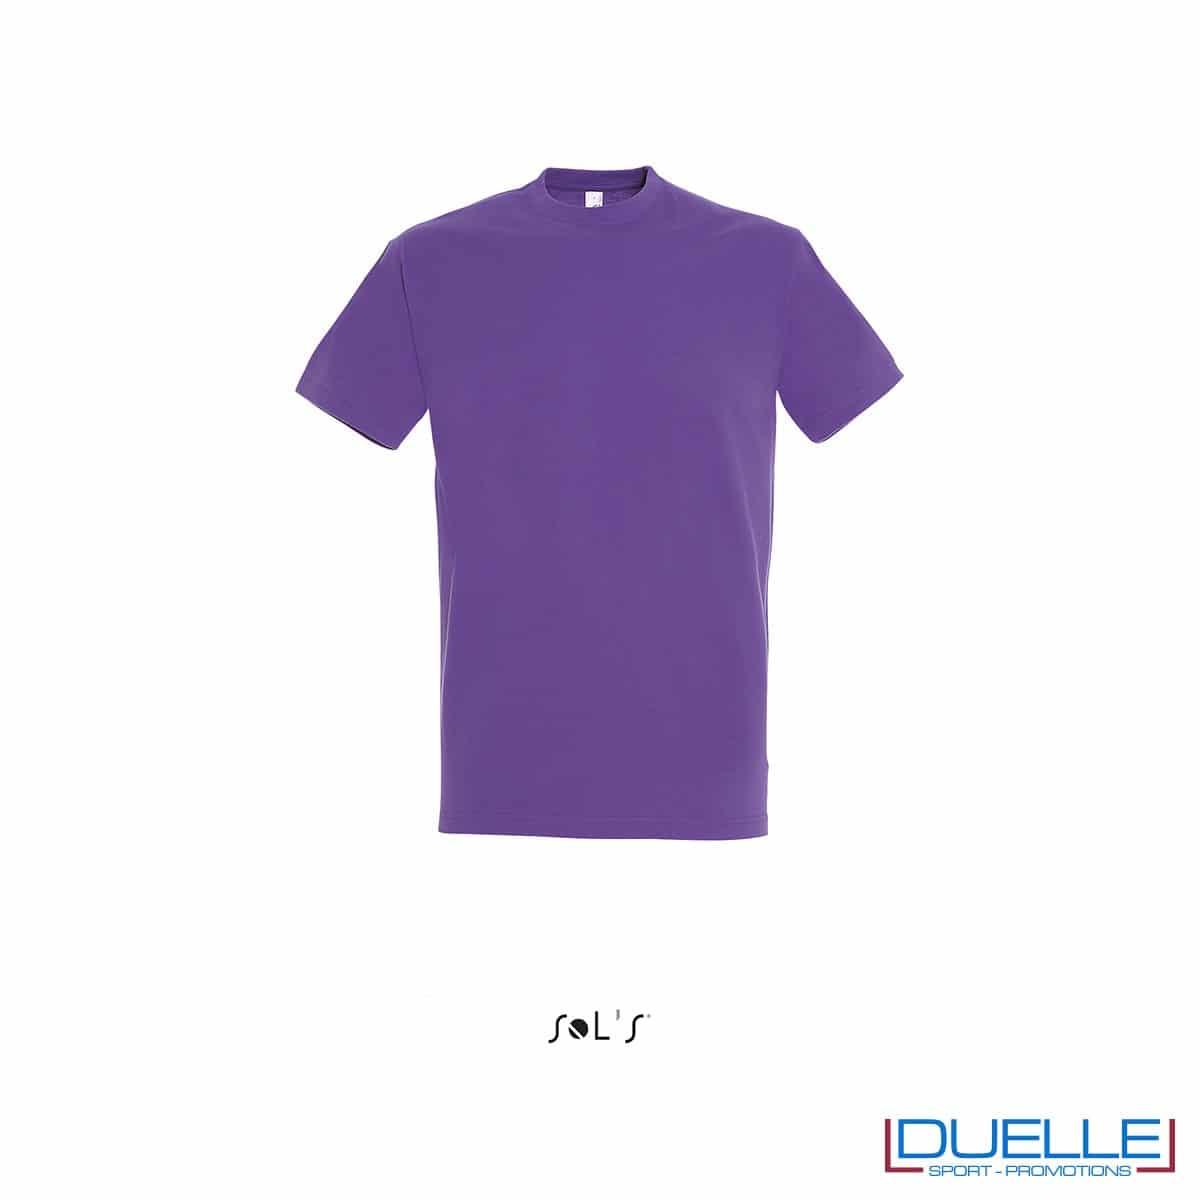 Maglietta promozionale in cotone pesante colore viola personalizzata con ricamo o stampa